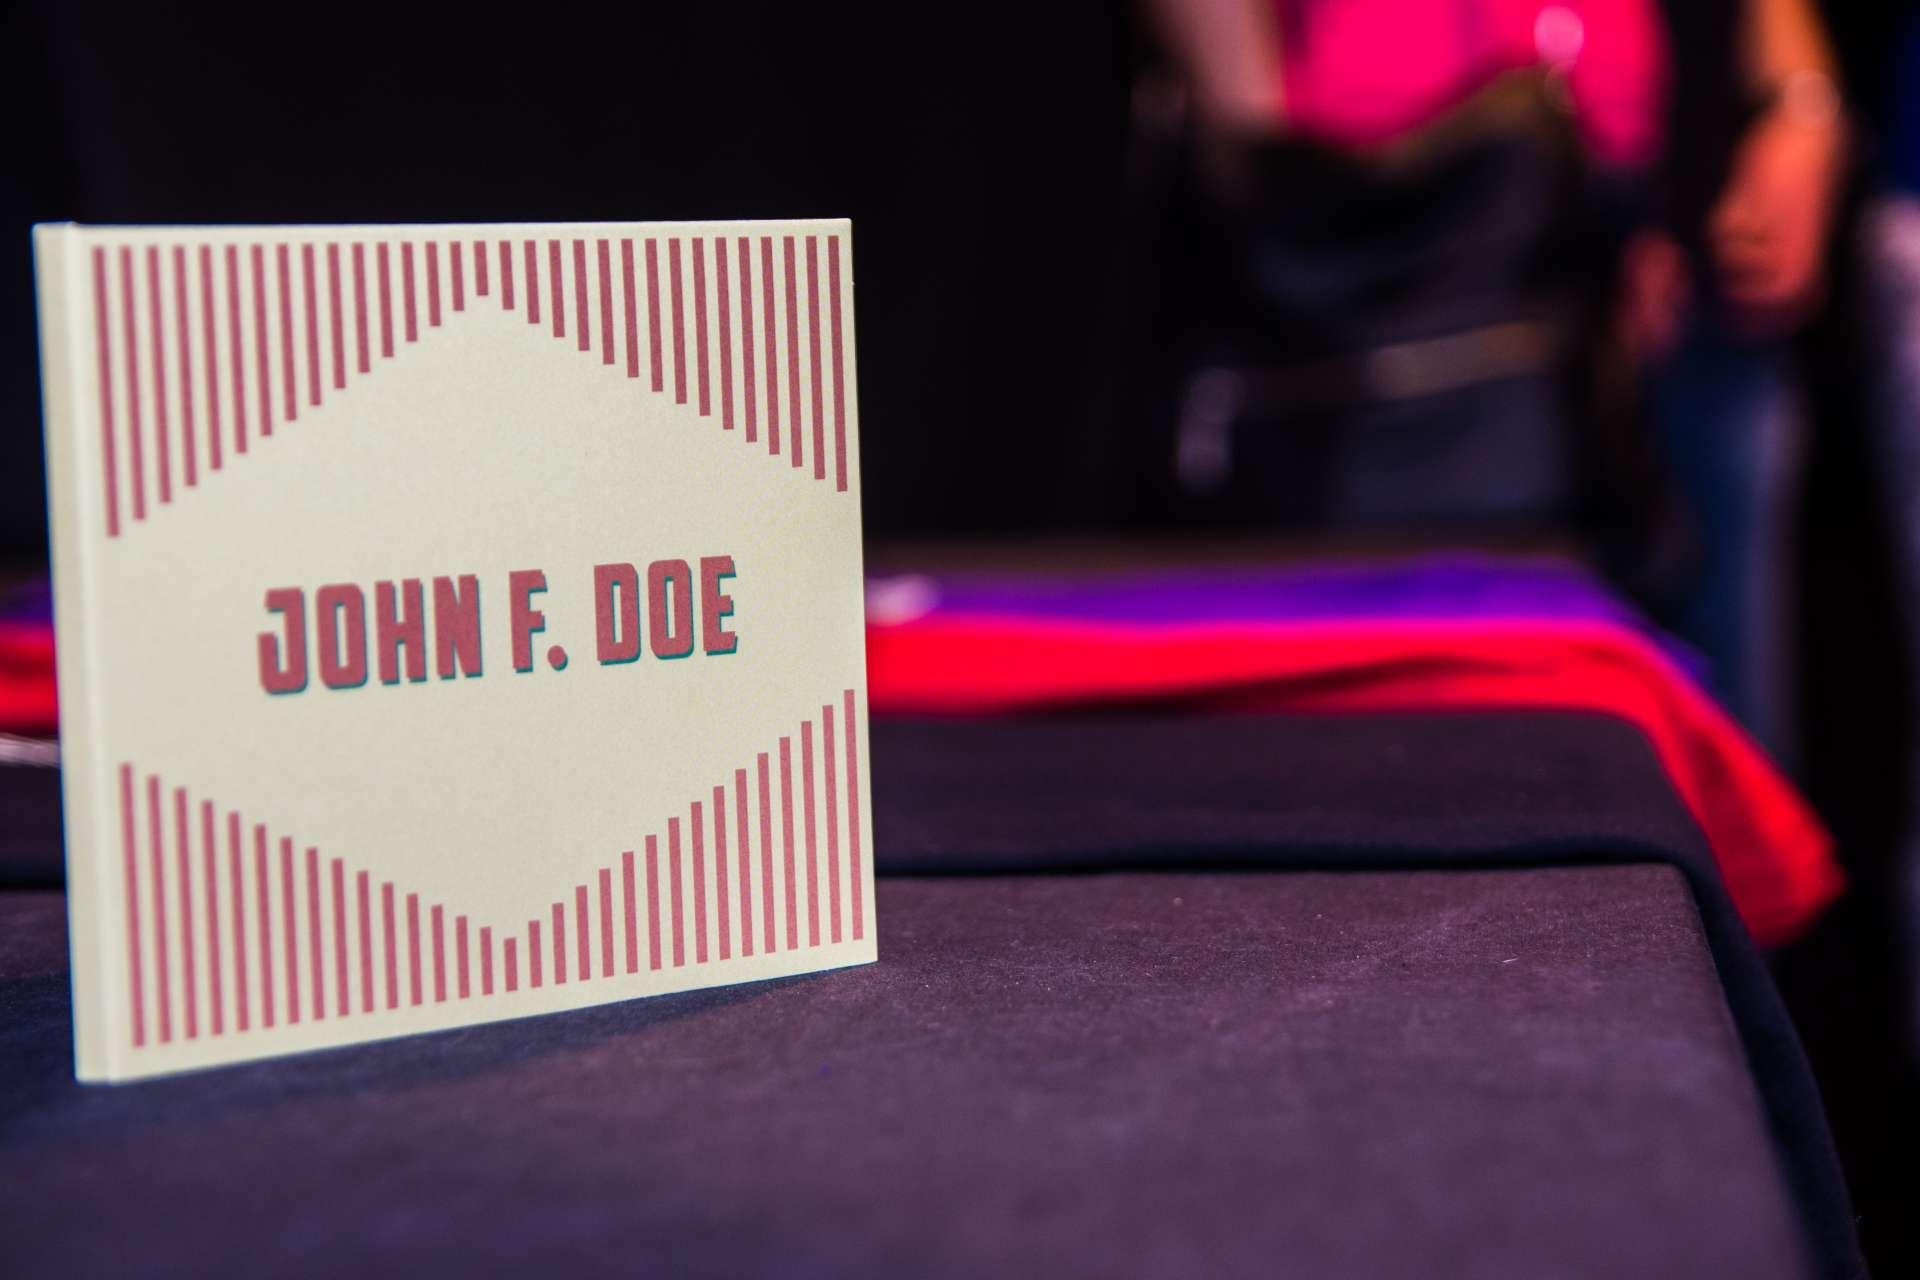 John-F.-Doe_2